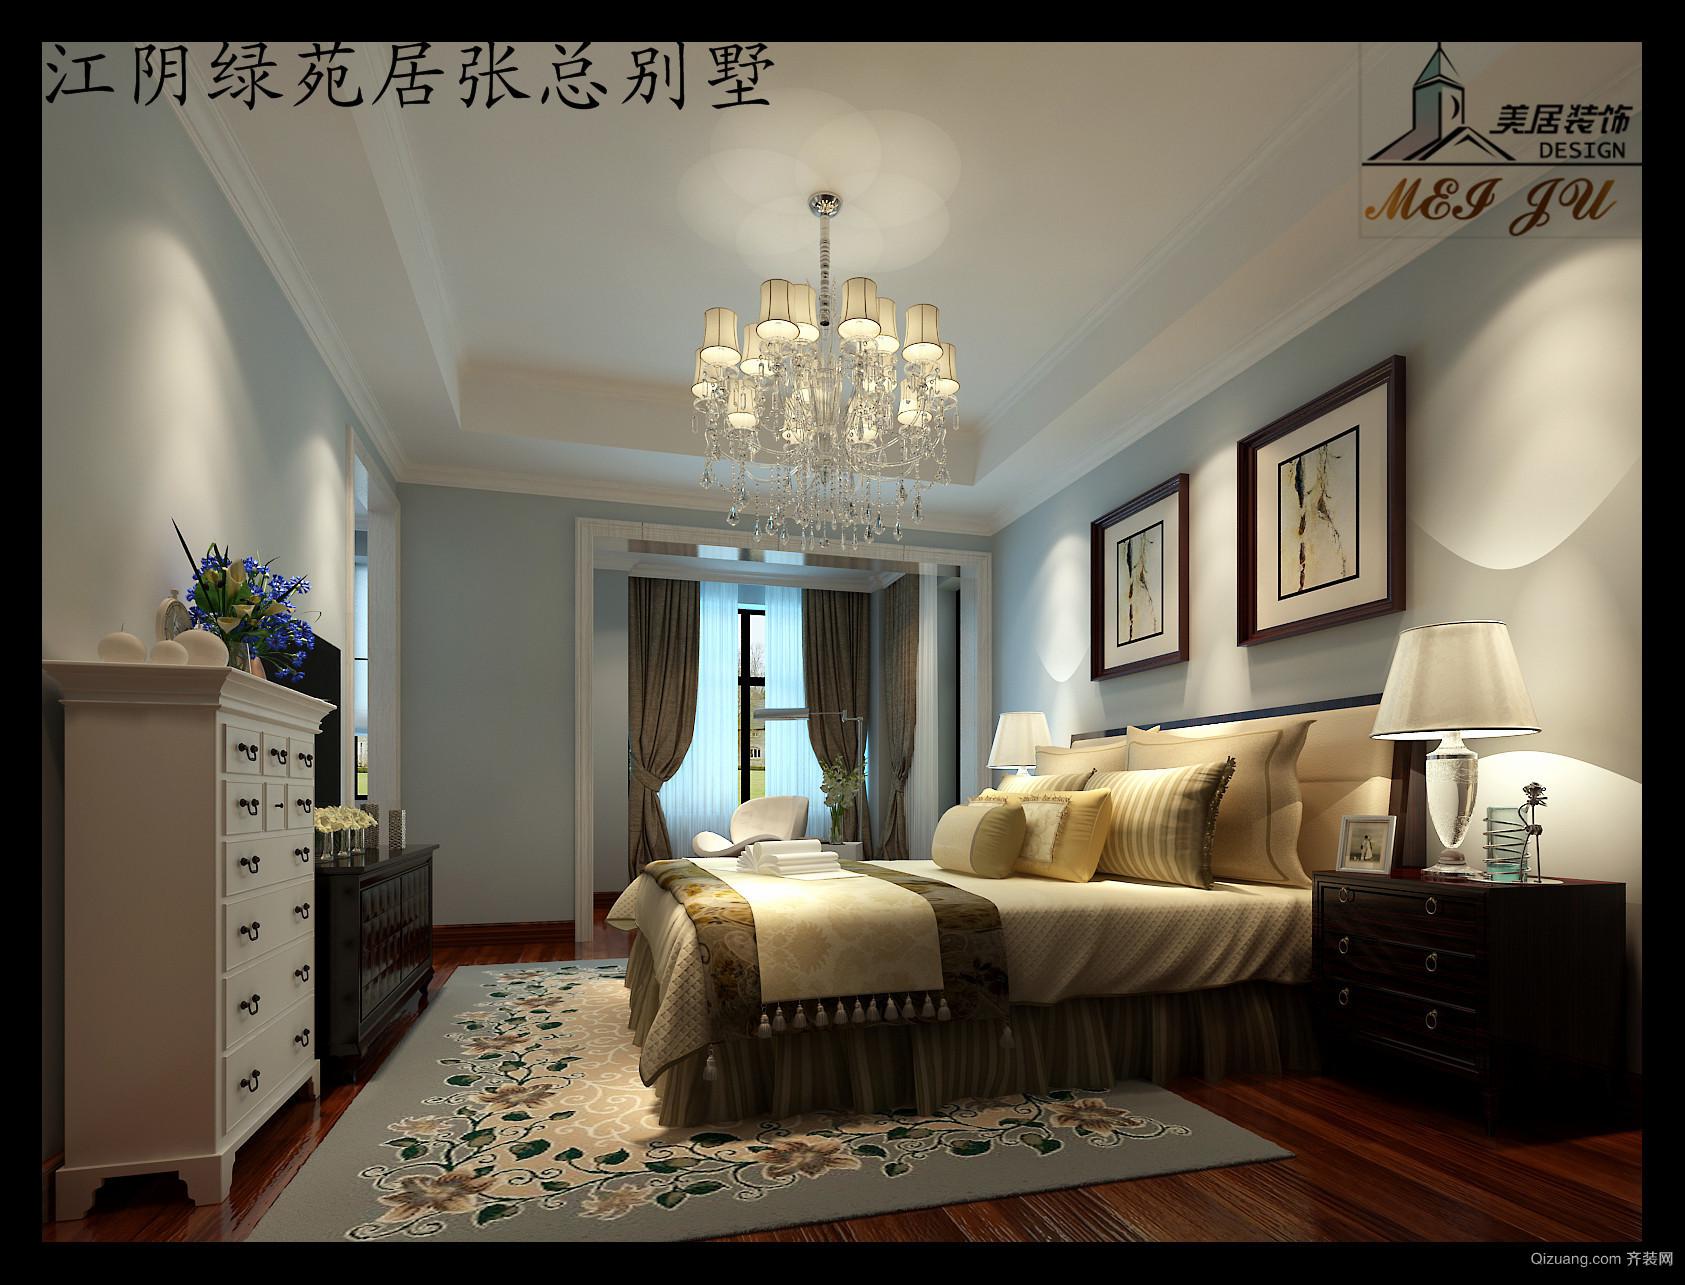 绿苑居张总别墅美式风格装修效果图实景图